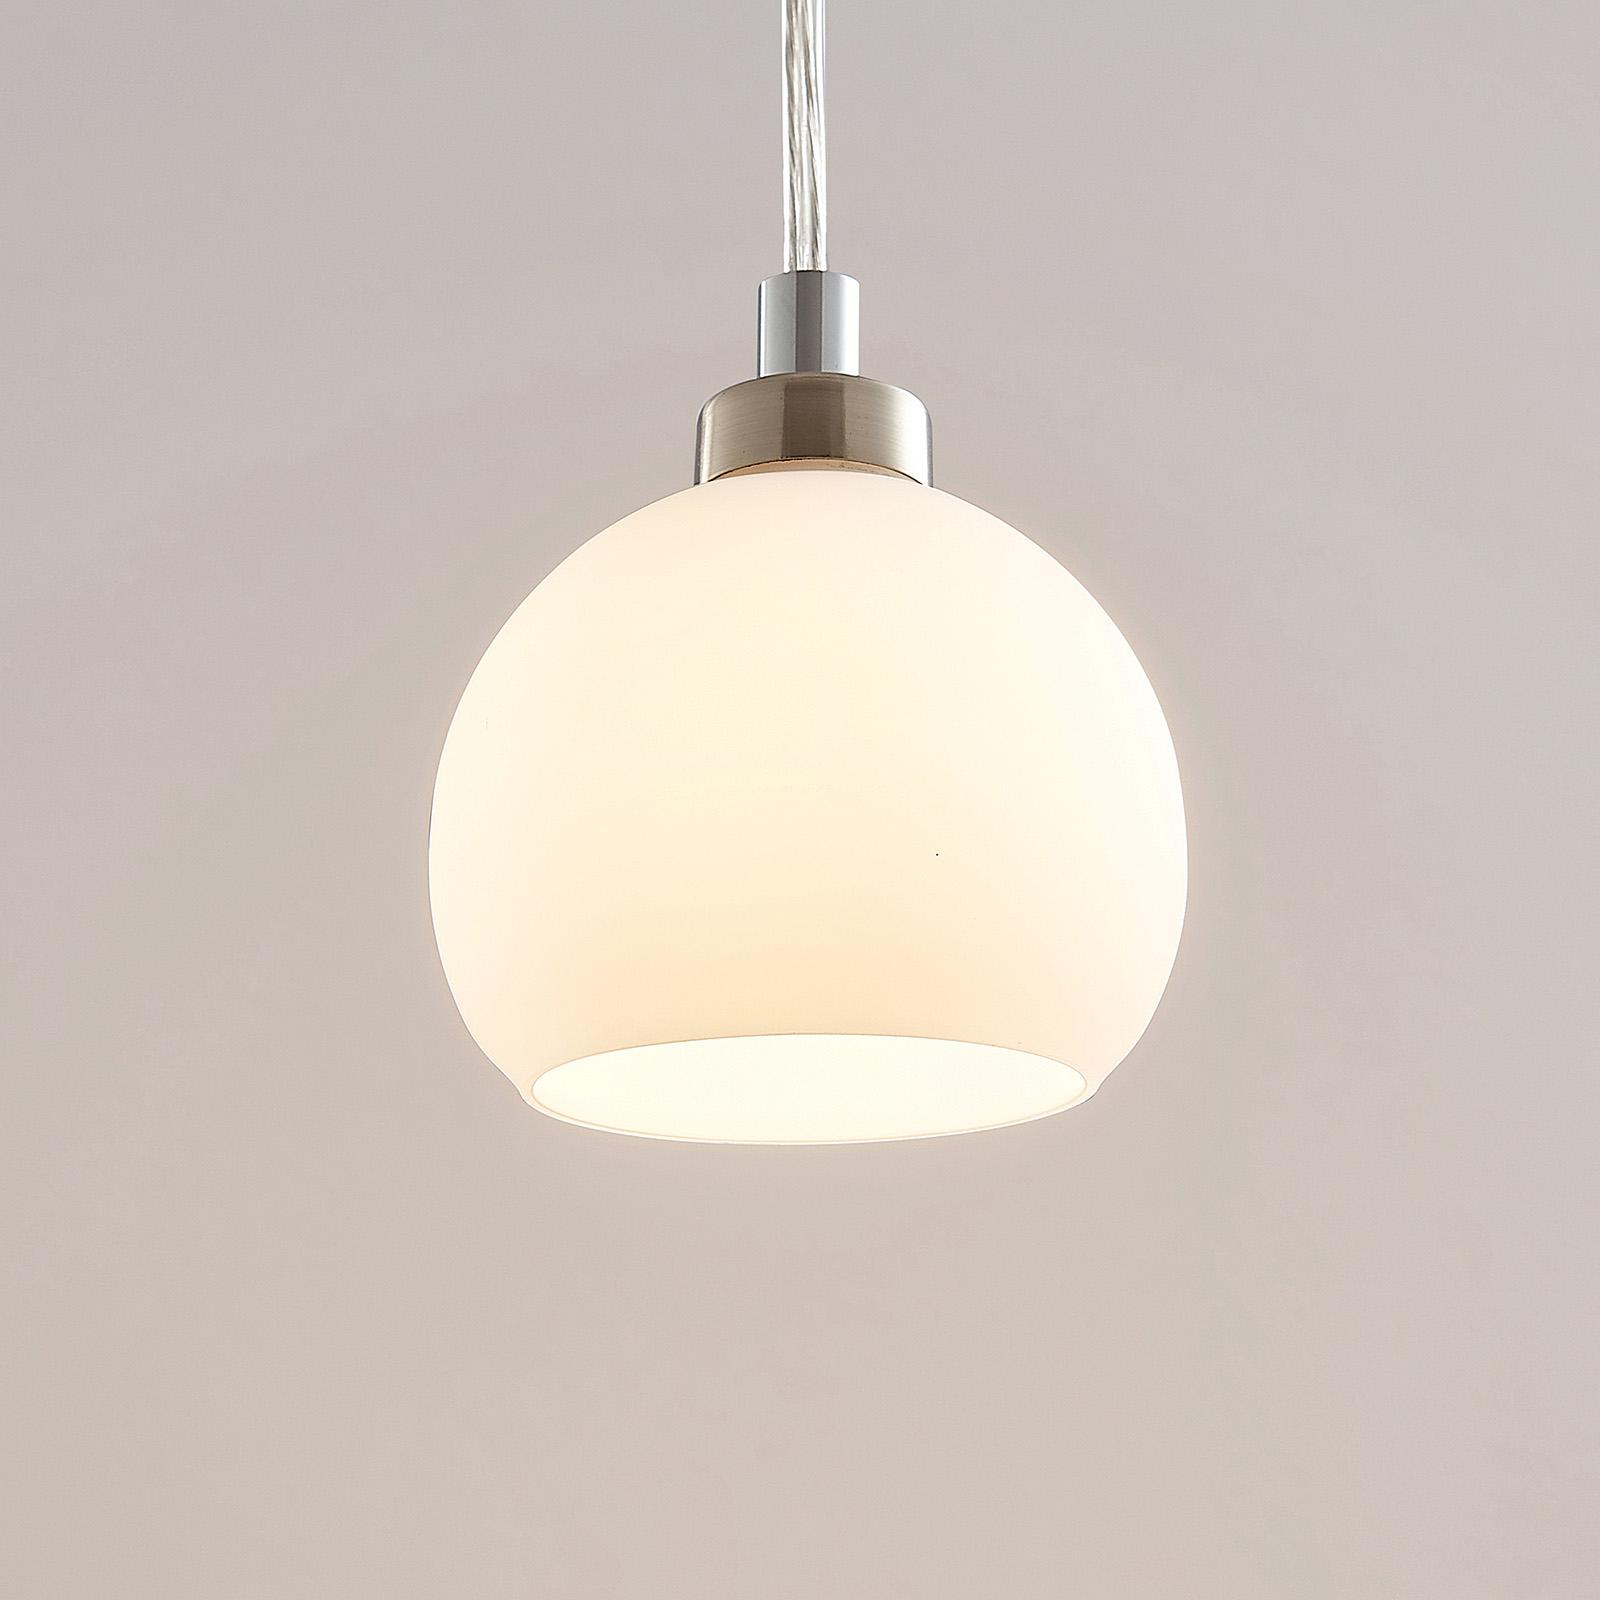 LED-pendellampe Kimi t. 1-faset skinne, nikkel